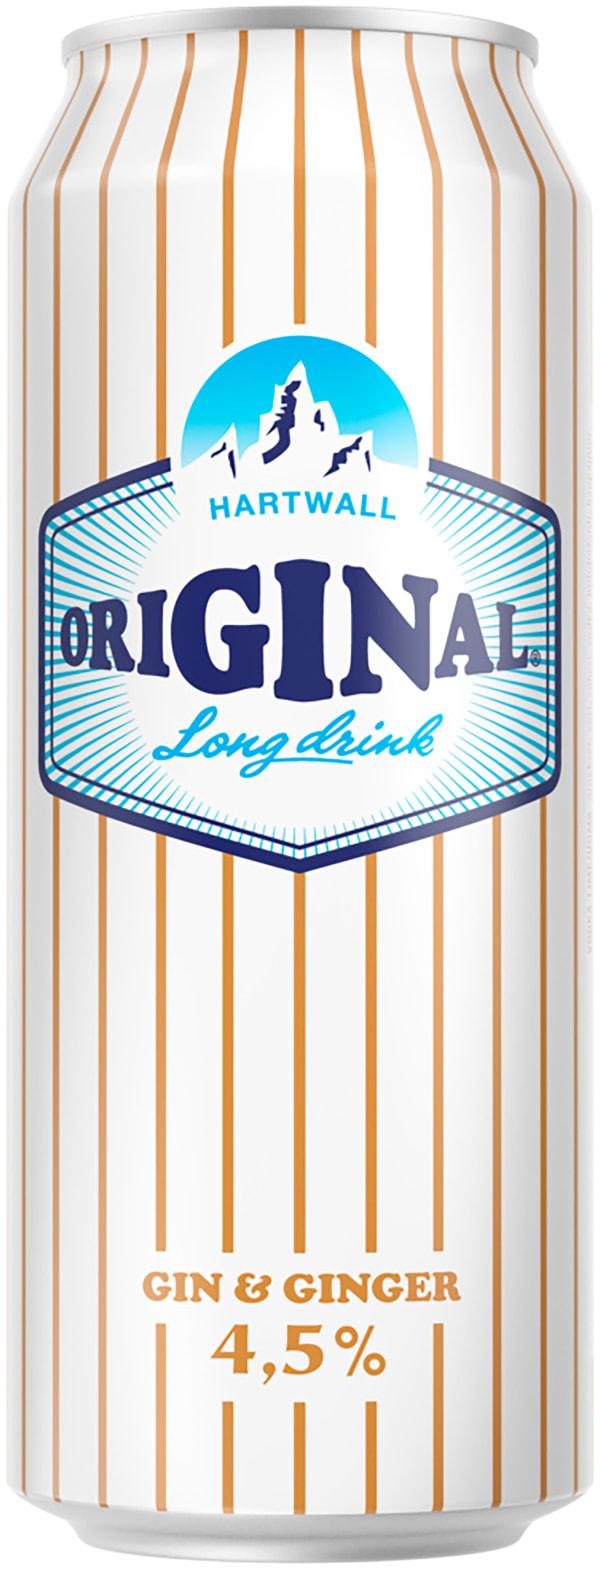 Original Long Drink Gin & Ginger burk